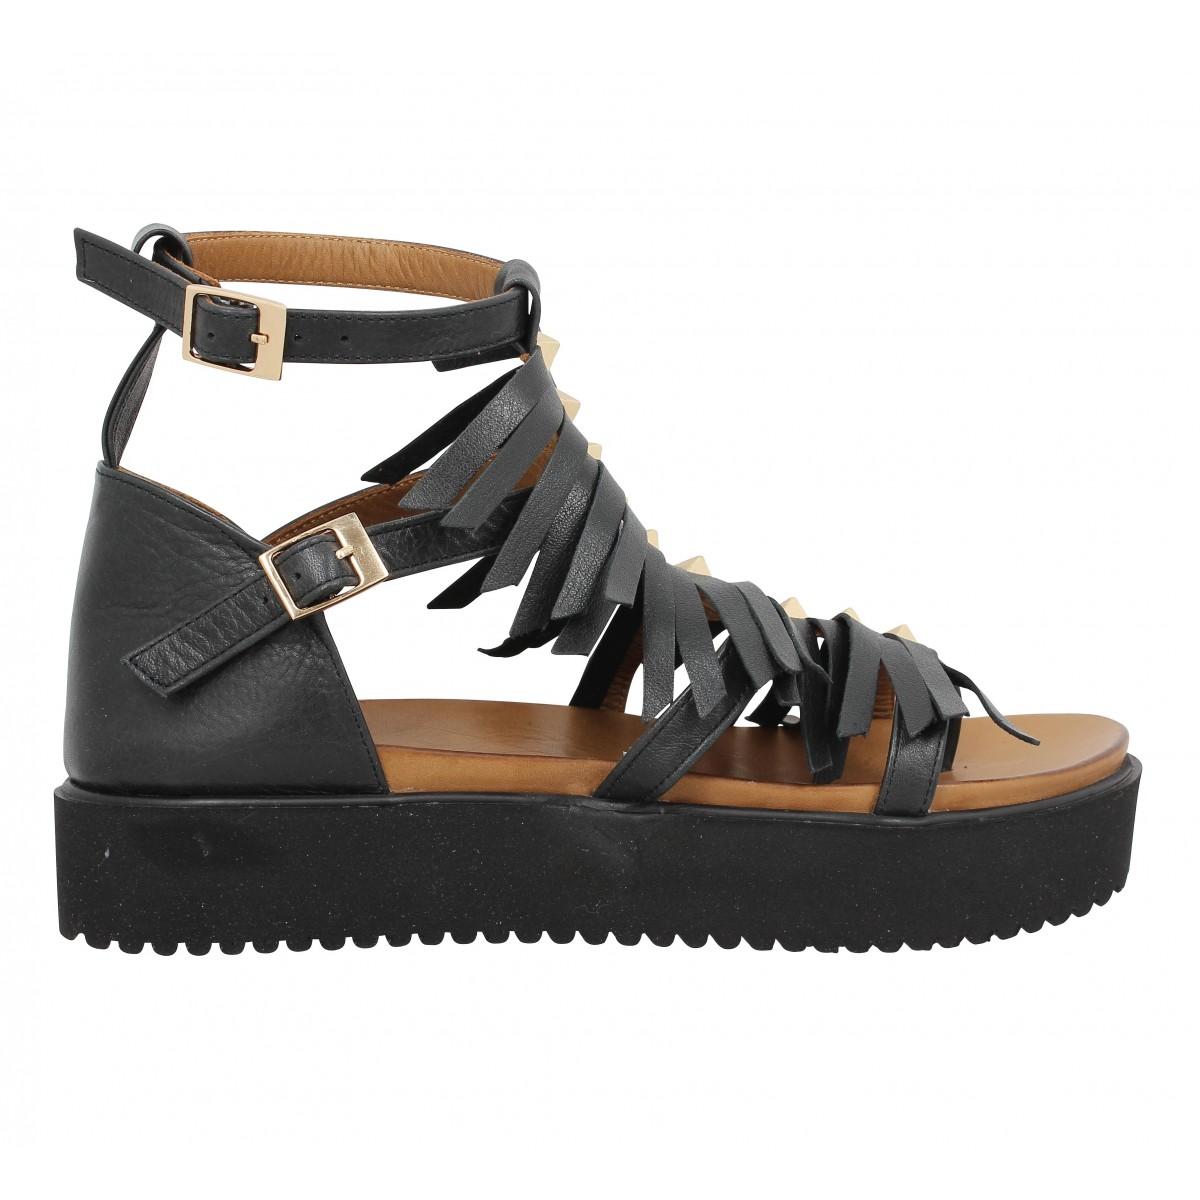 QIDI Chaussures Décontractées Femme Respirant Fond Plat À La Mode Couleur Pure Chaussures Simples (Couleur : T-1, Taille : EU37/UK4.5-5)